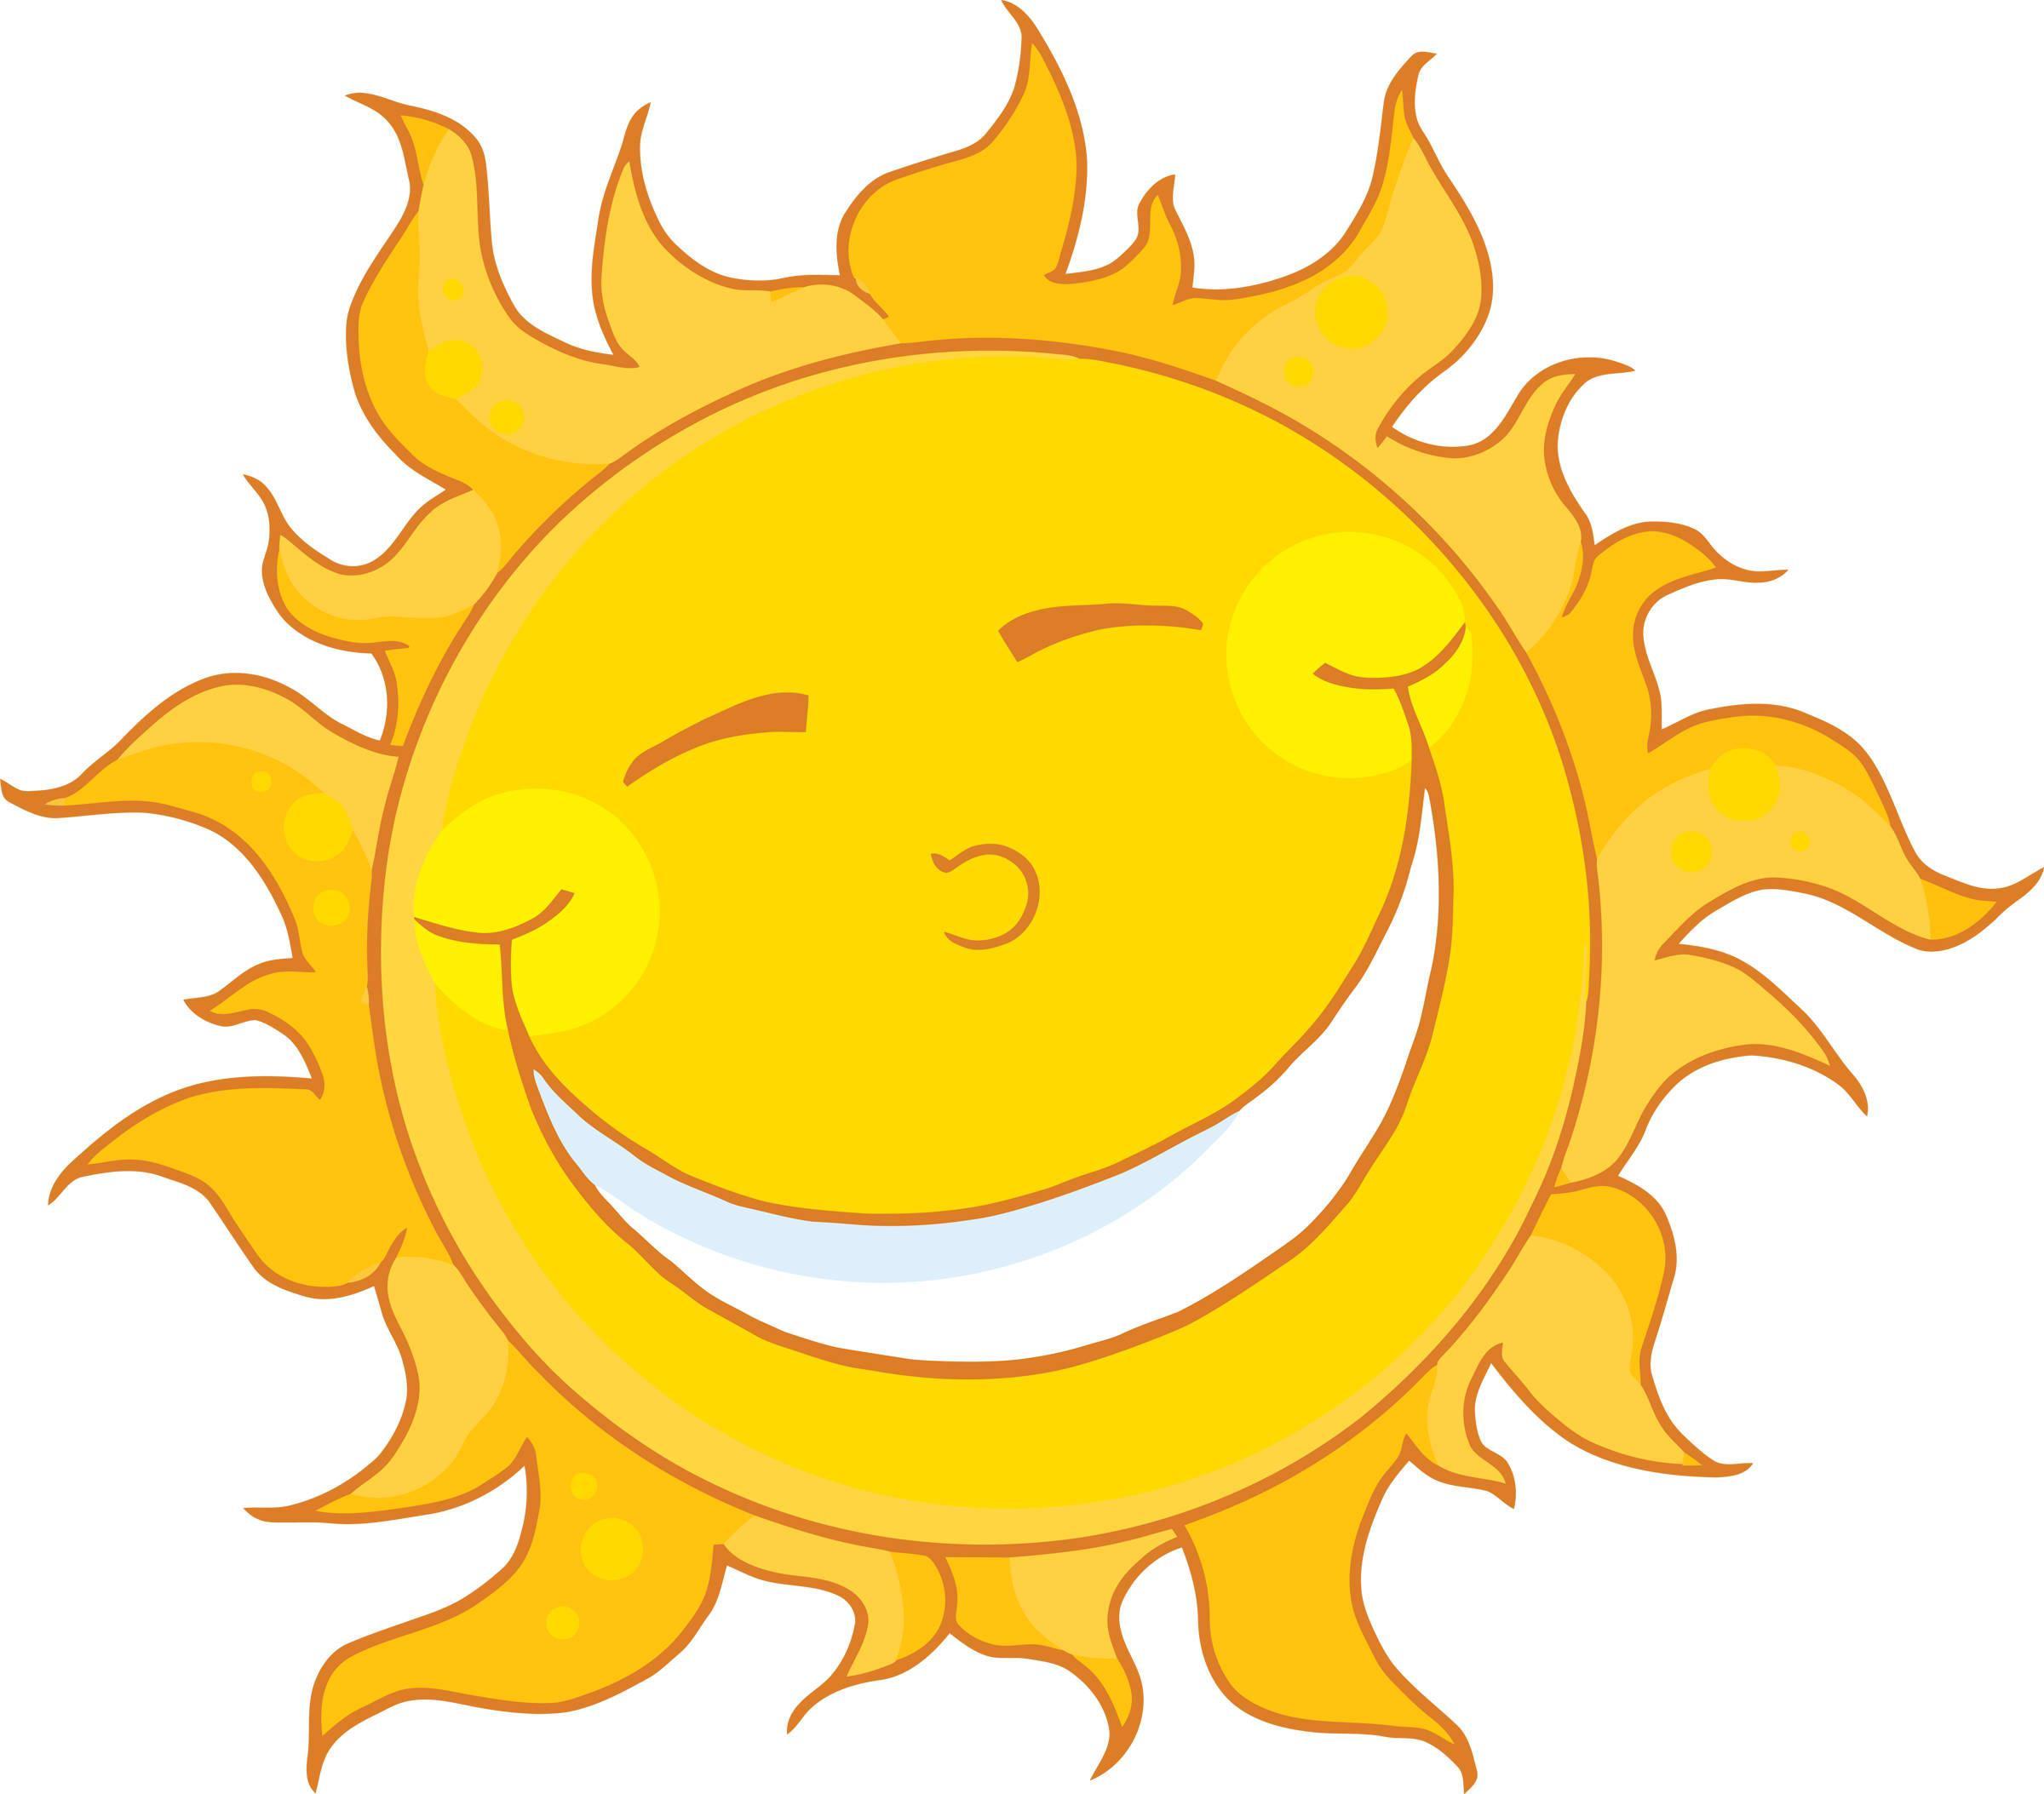 Sun Clipart-Clipartlook.com-2400-Sun Clipart-Clipartlook.com-2400-0